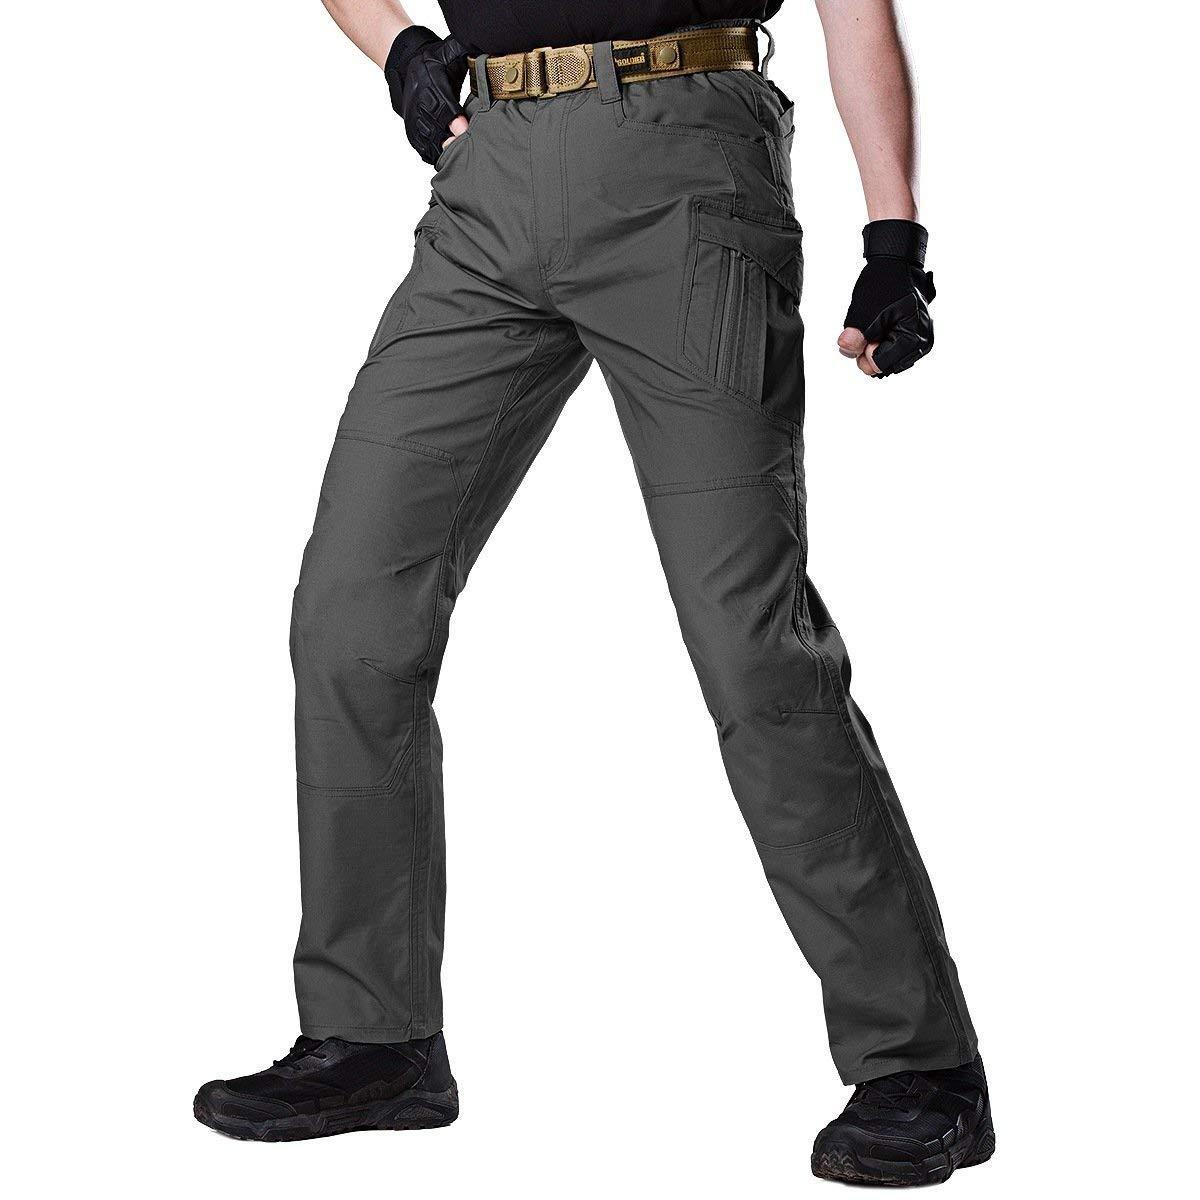 Lannister Fashion Herren Hose Taktische Wasserabweisend Trekking Bekleidung Mit Hose Taschen Multi Cargohose Outdoor Workout Wanderhose Freizeithose